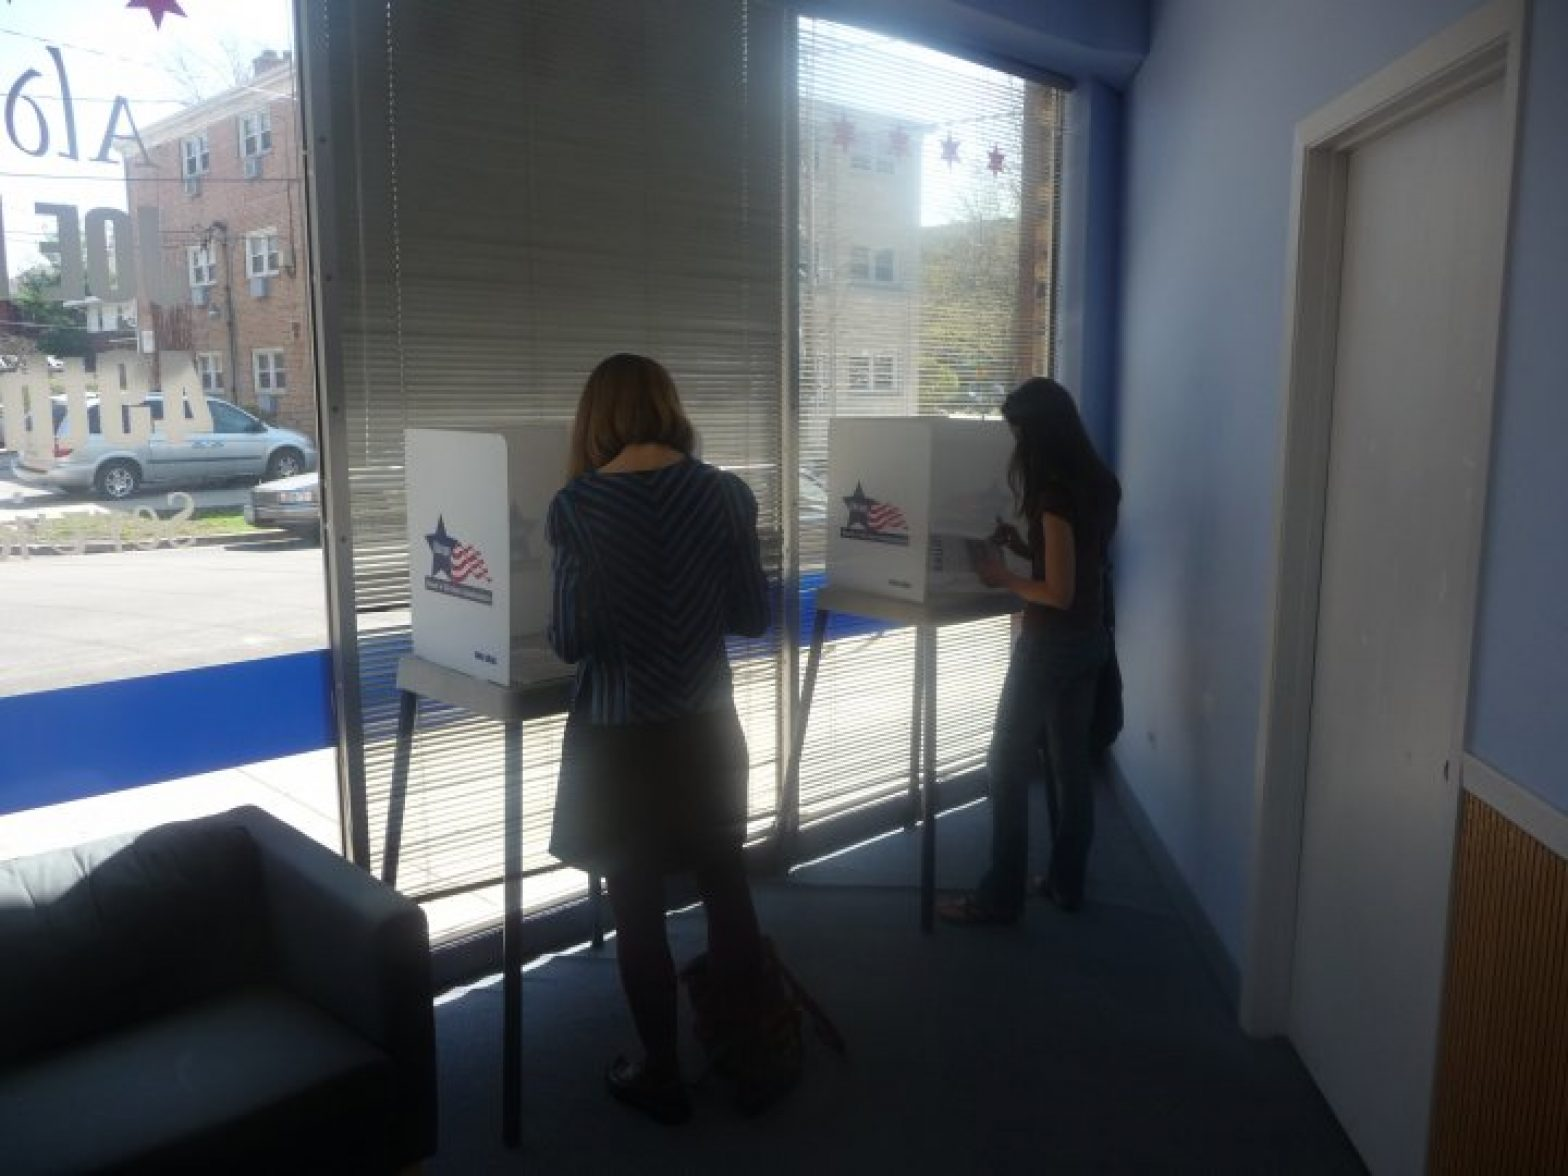 voting_on_budget_in_49th_ward_-_credit_joe_moore.jpg